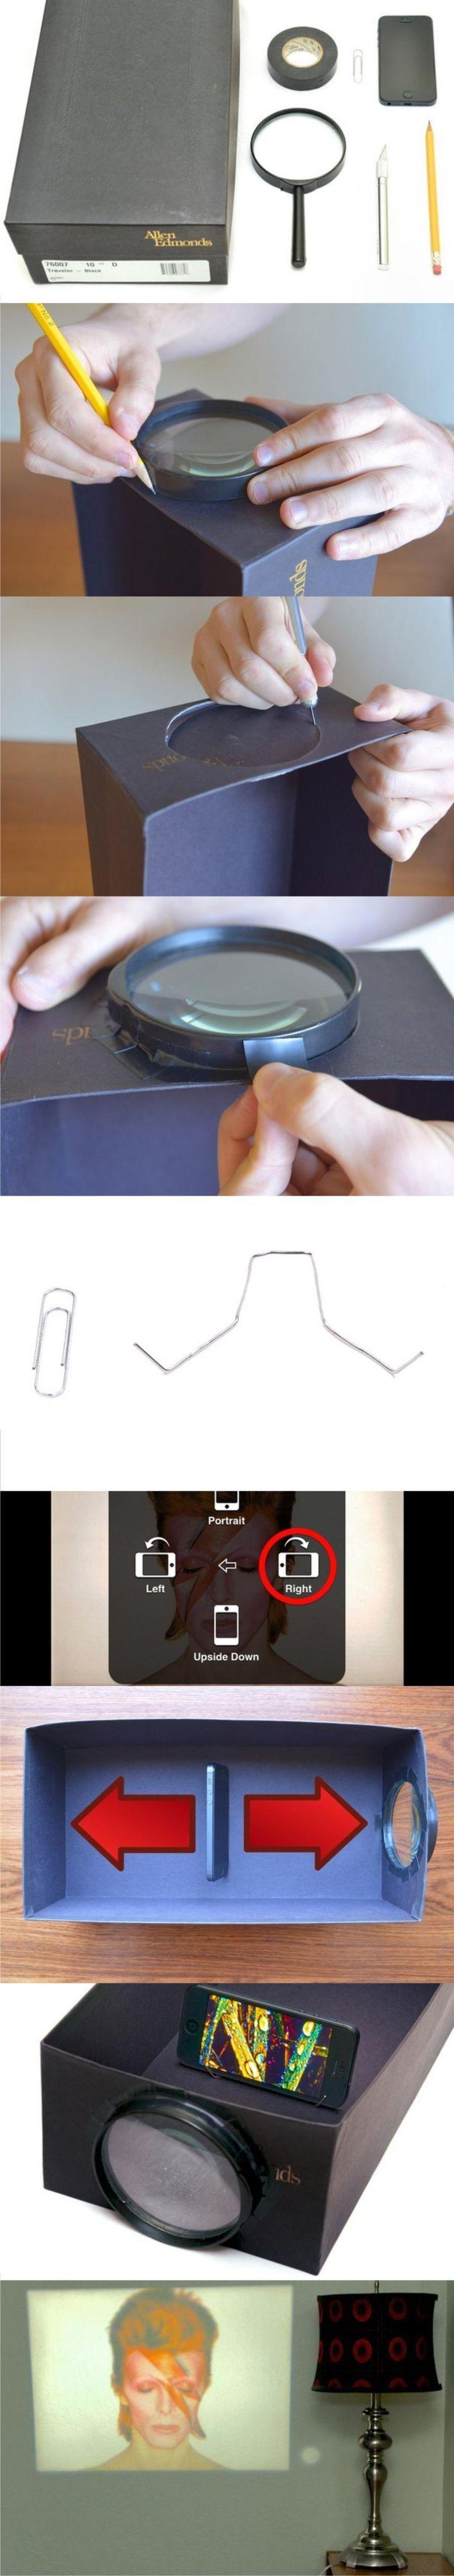 $3 box projector for smartphones.  Ingenioso proyector para tu smartphone | Muy Ingenioso